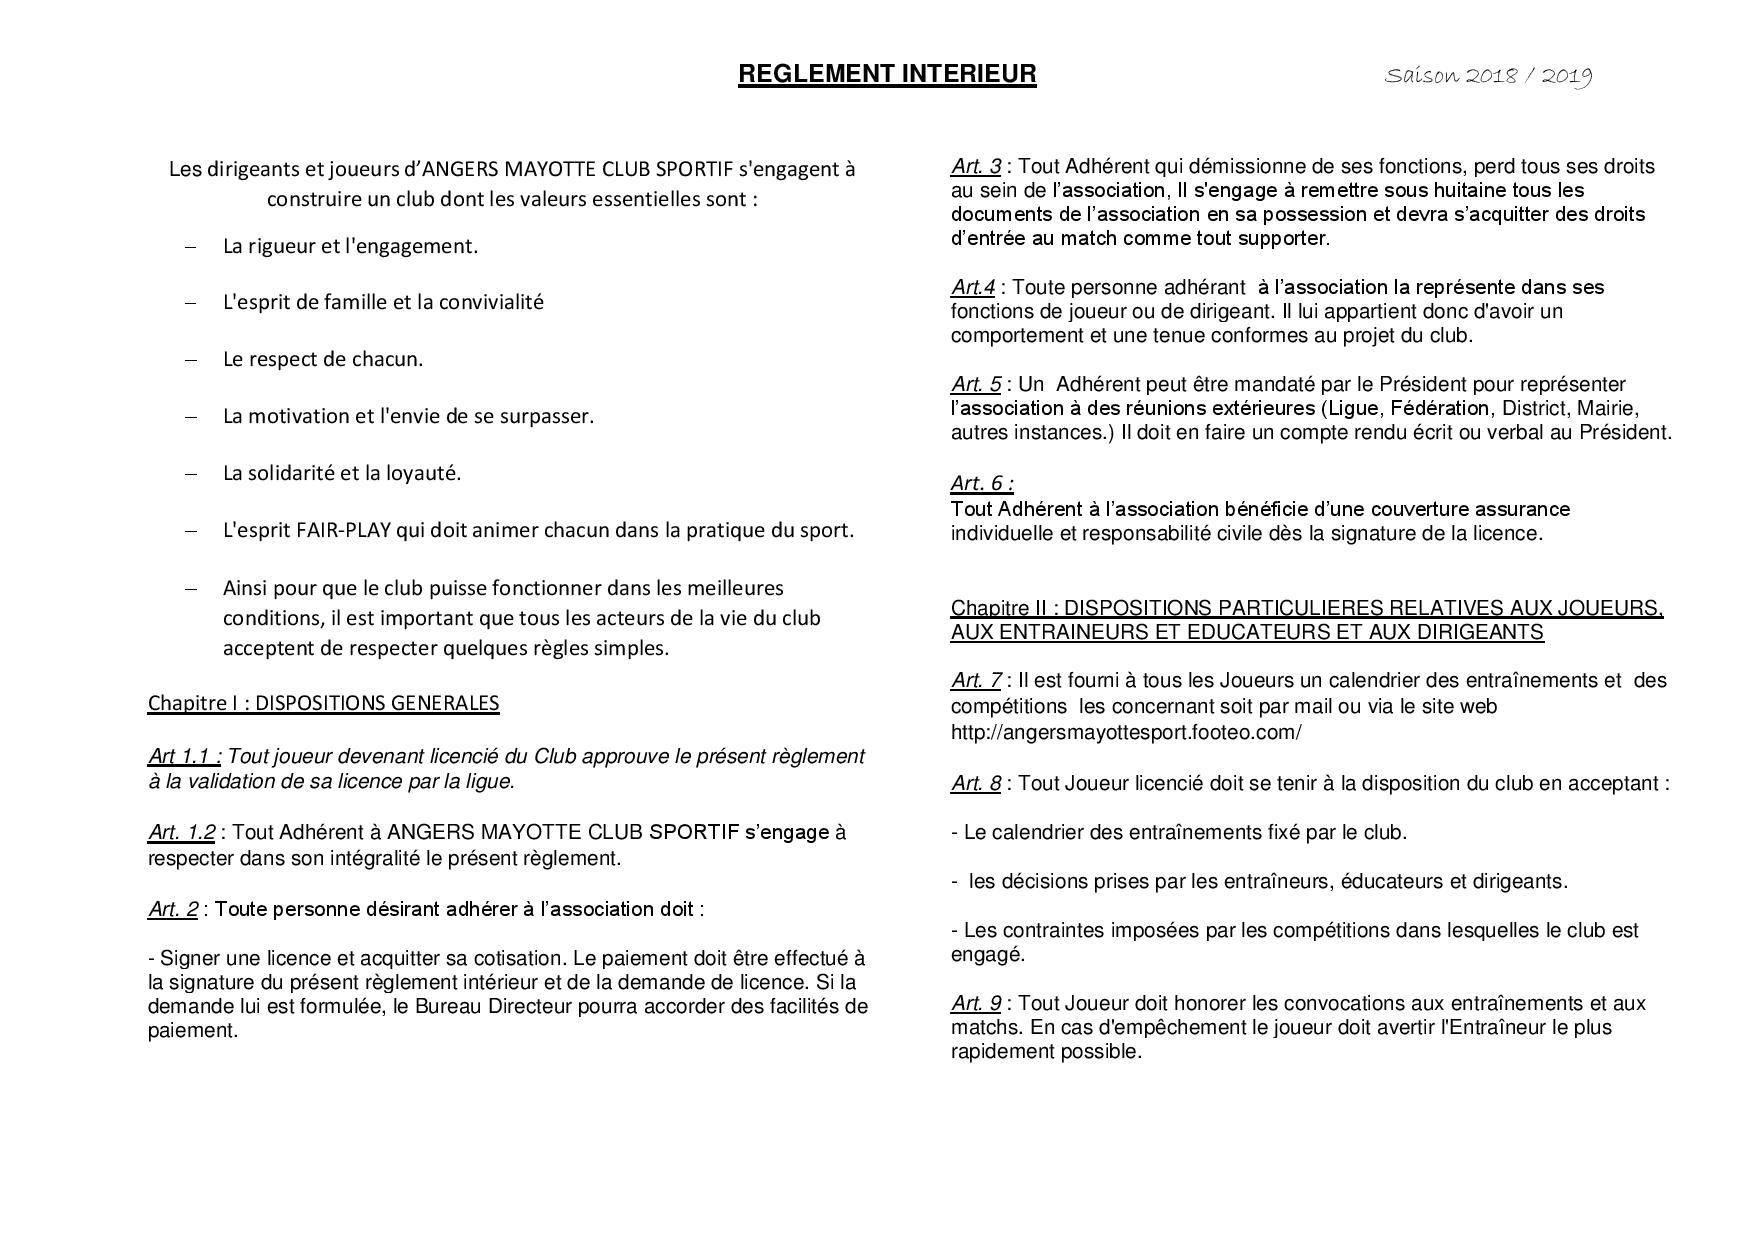 Règlement intérieur page 1